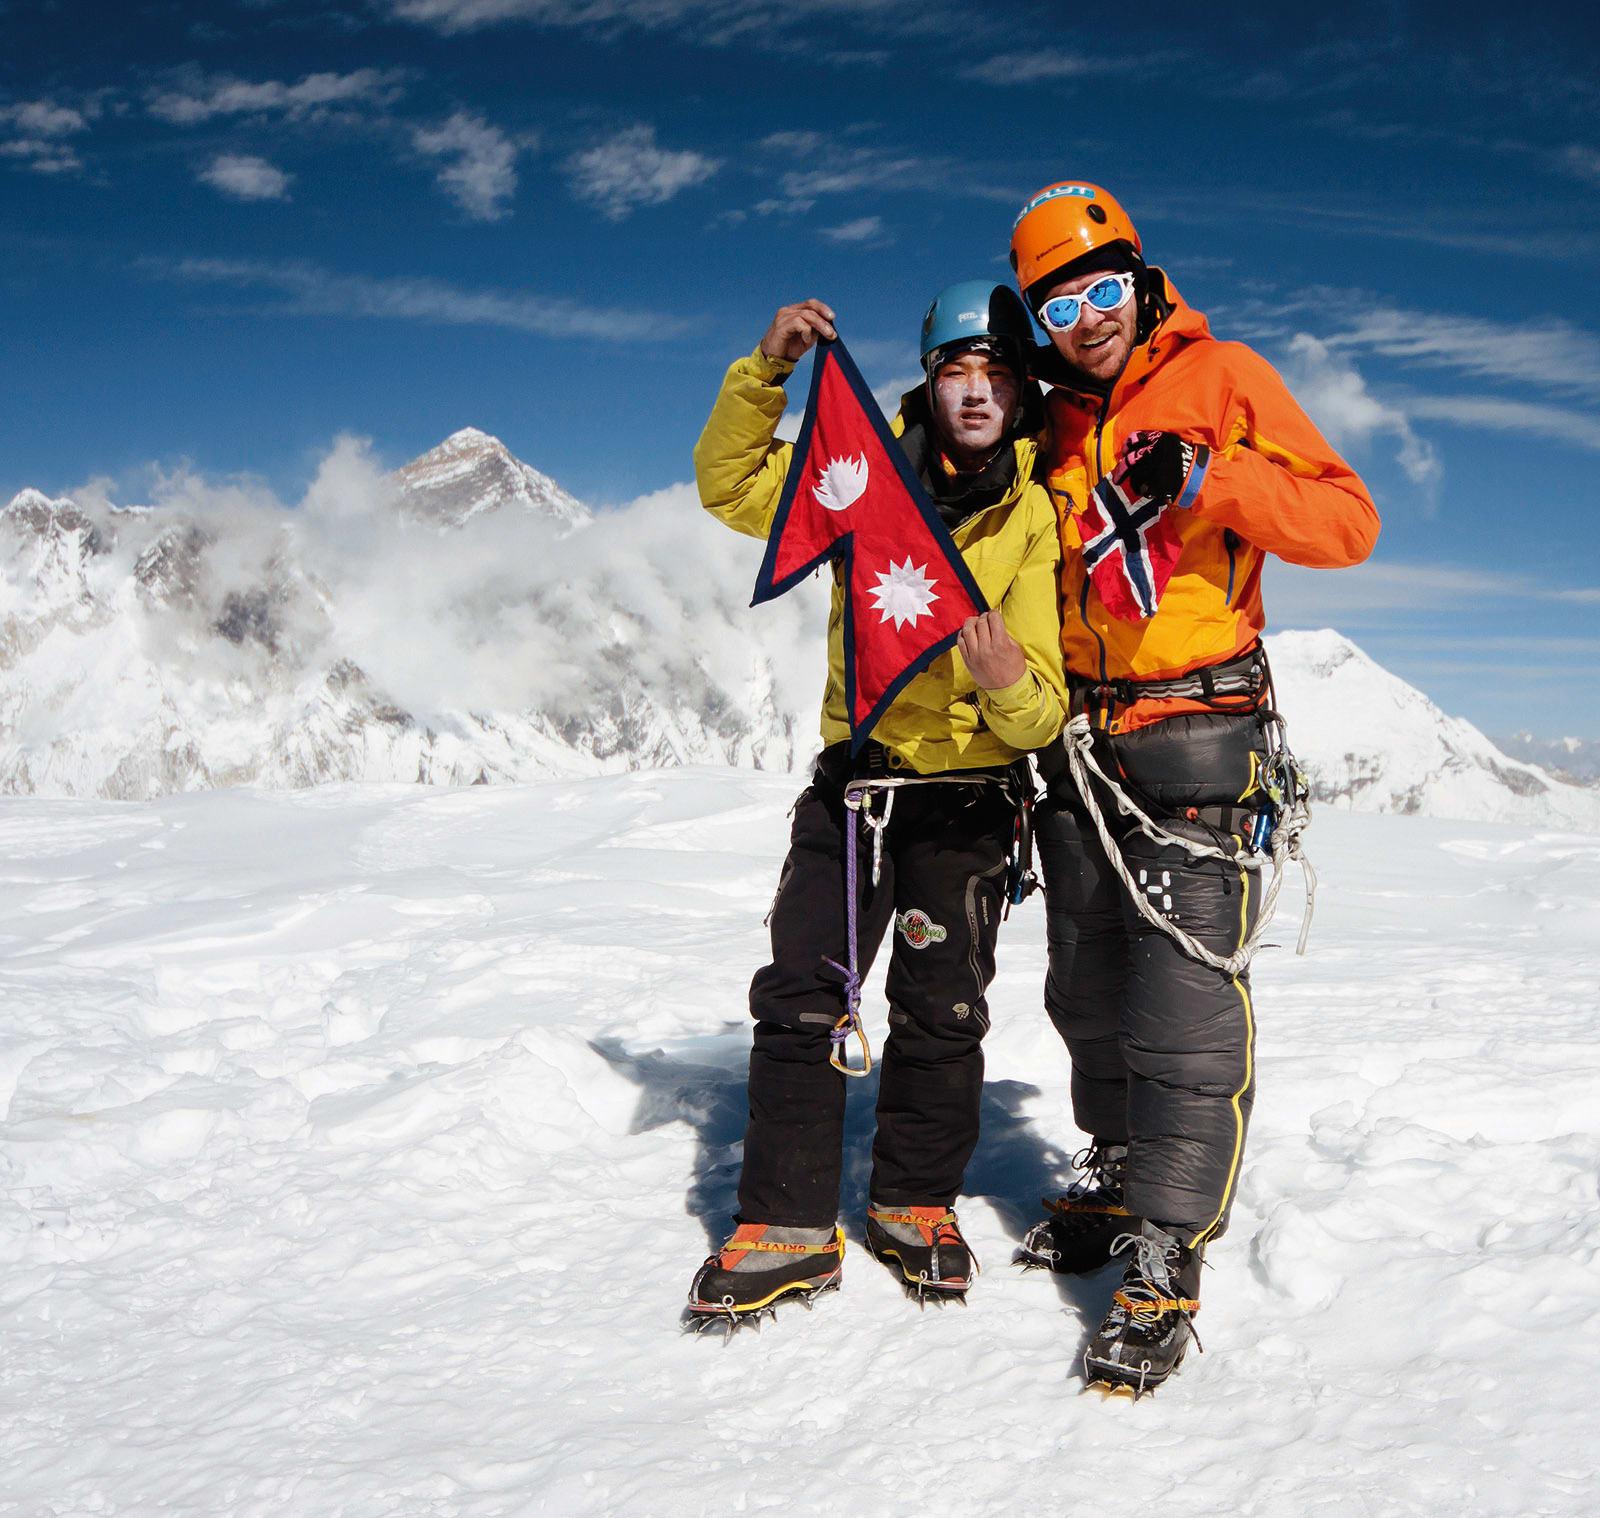 Jepsi Pepsi: Kanchha Nuru og UTE-fotografen poserer foran Mt Everest p åtoppen av Ama Dablam, 6812 moh, takket være en pose seigmenn. Foto: Matti Bernitz